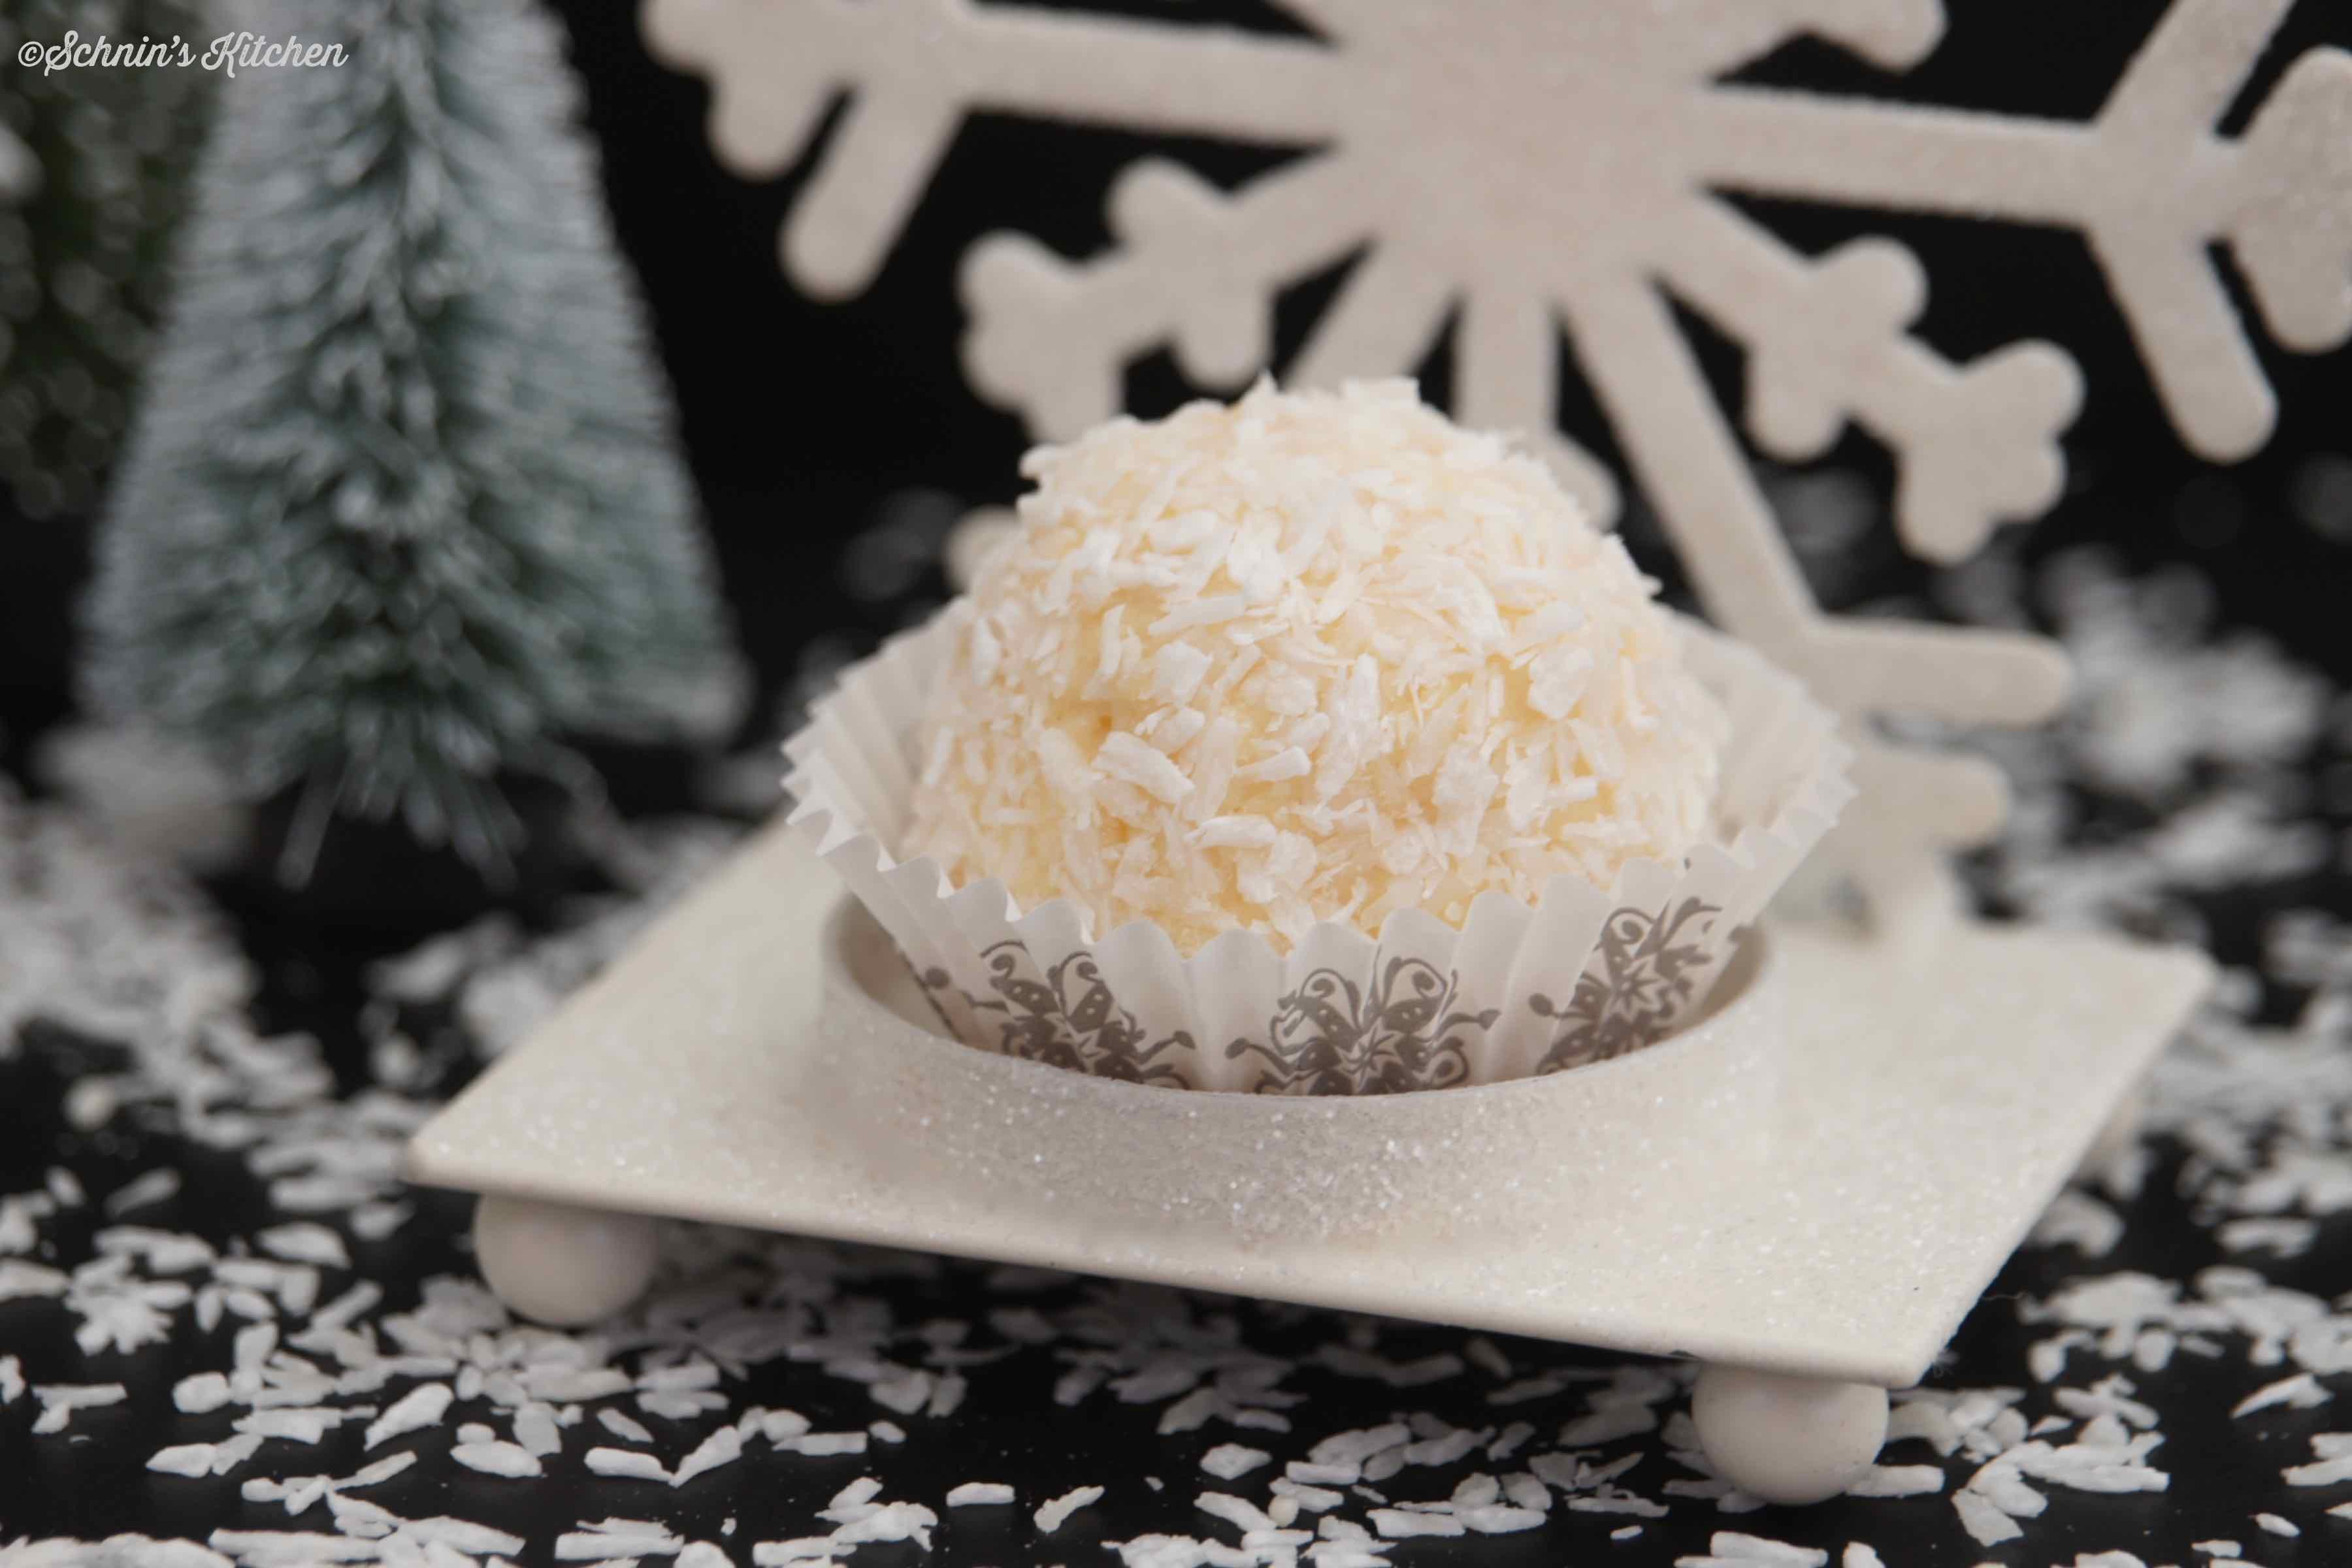 Schneebälle - leckere, kleine Kuchen-Creme-Bällchen mit Kokos und Amaretto | www.schninskitchen.de